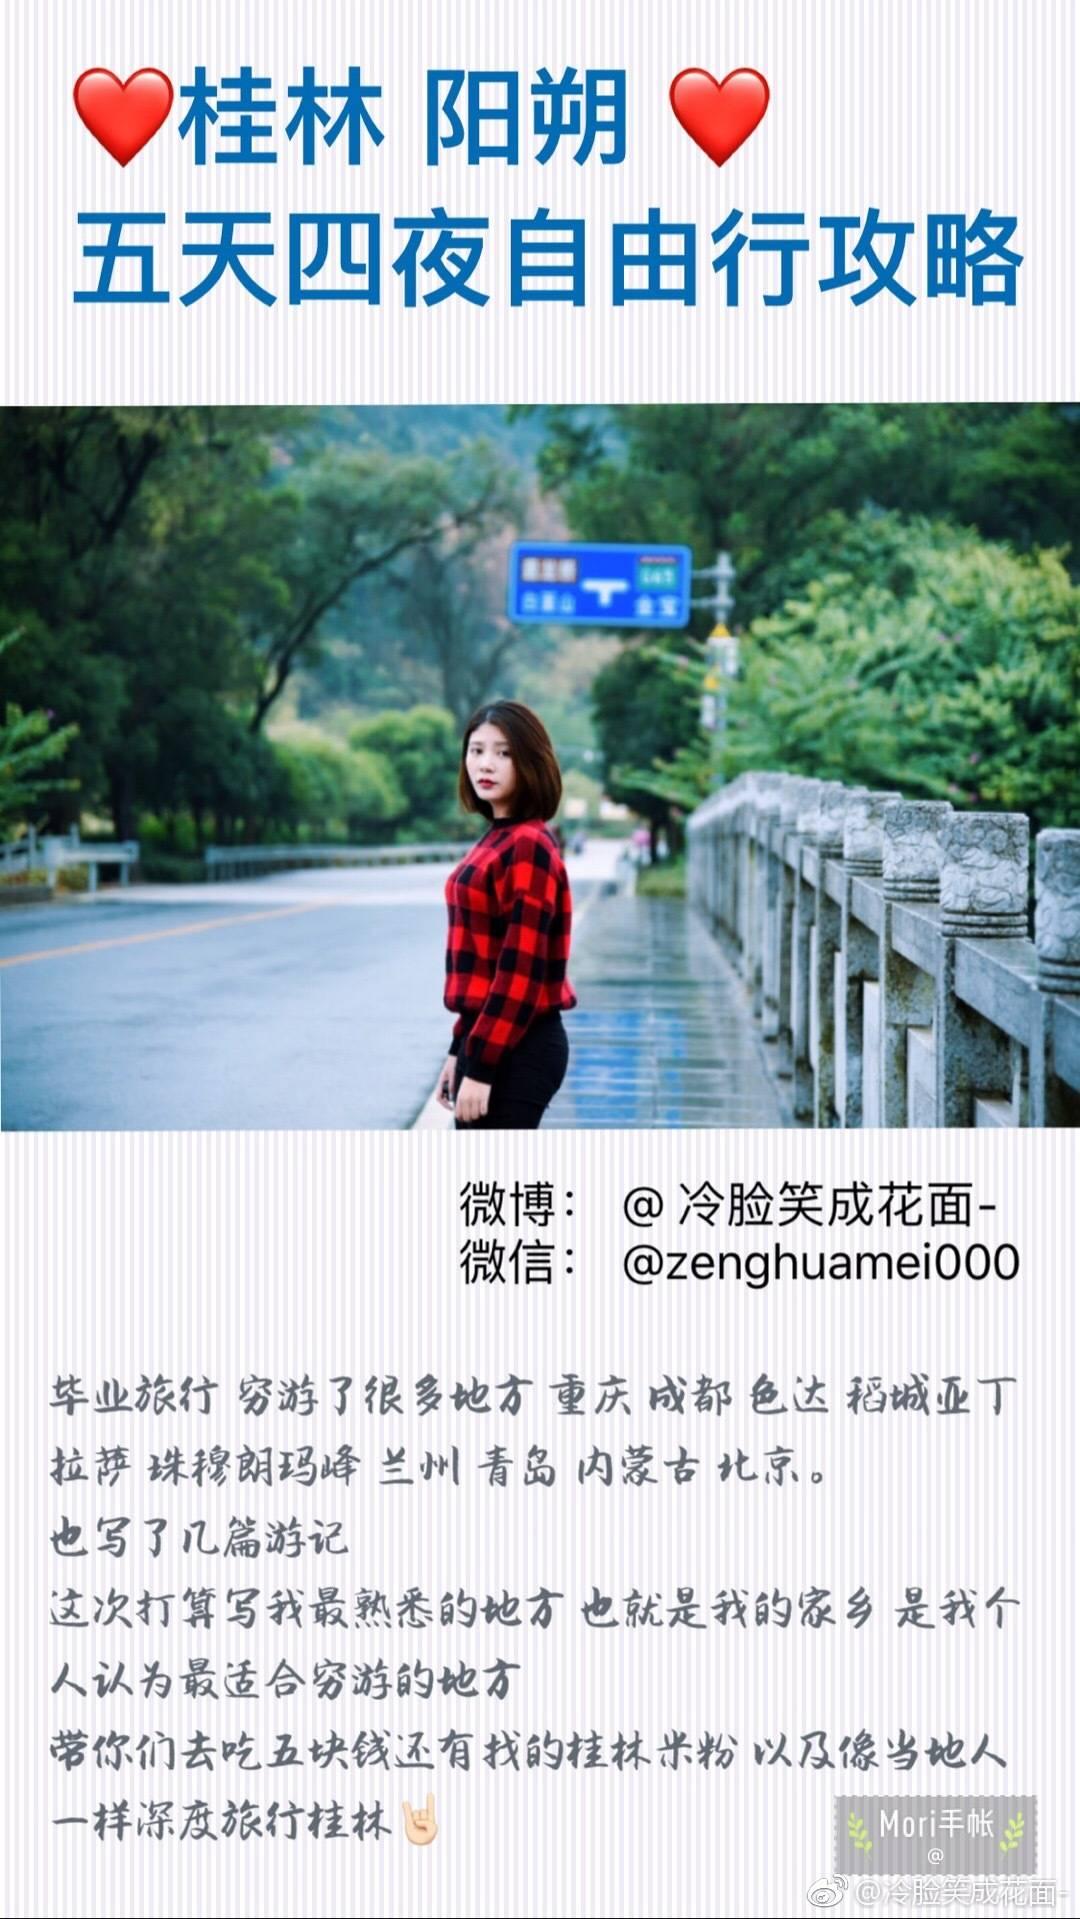 一份诚意满满的桂林旅游攻略。非常适合学生党的一份计划